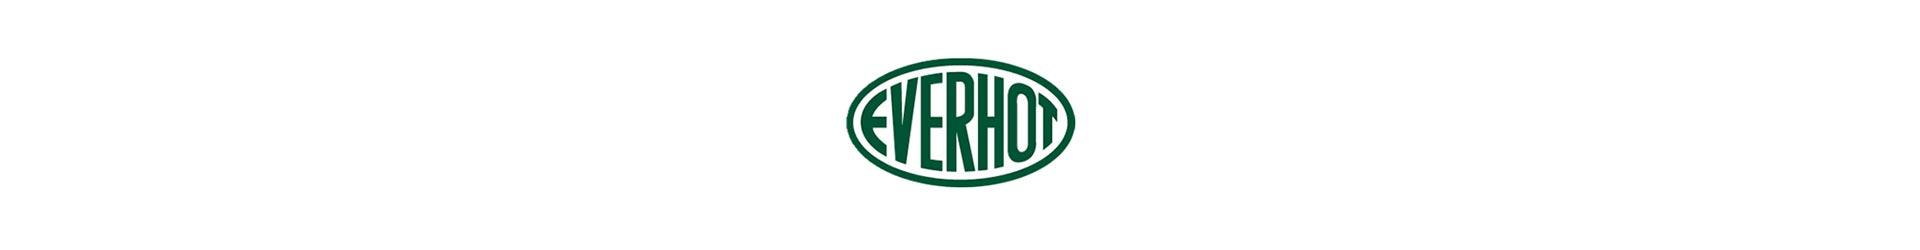 Everhot-Banner